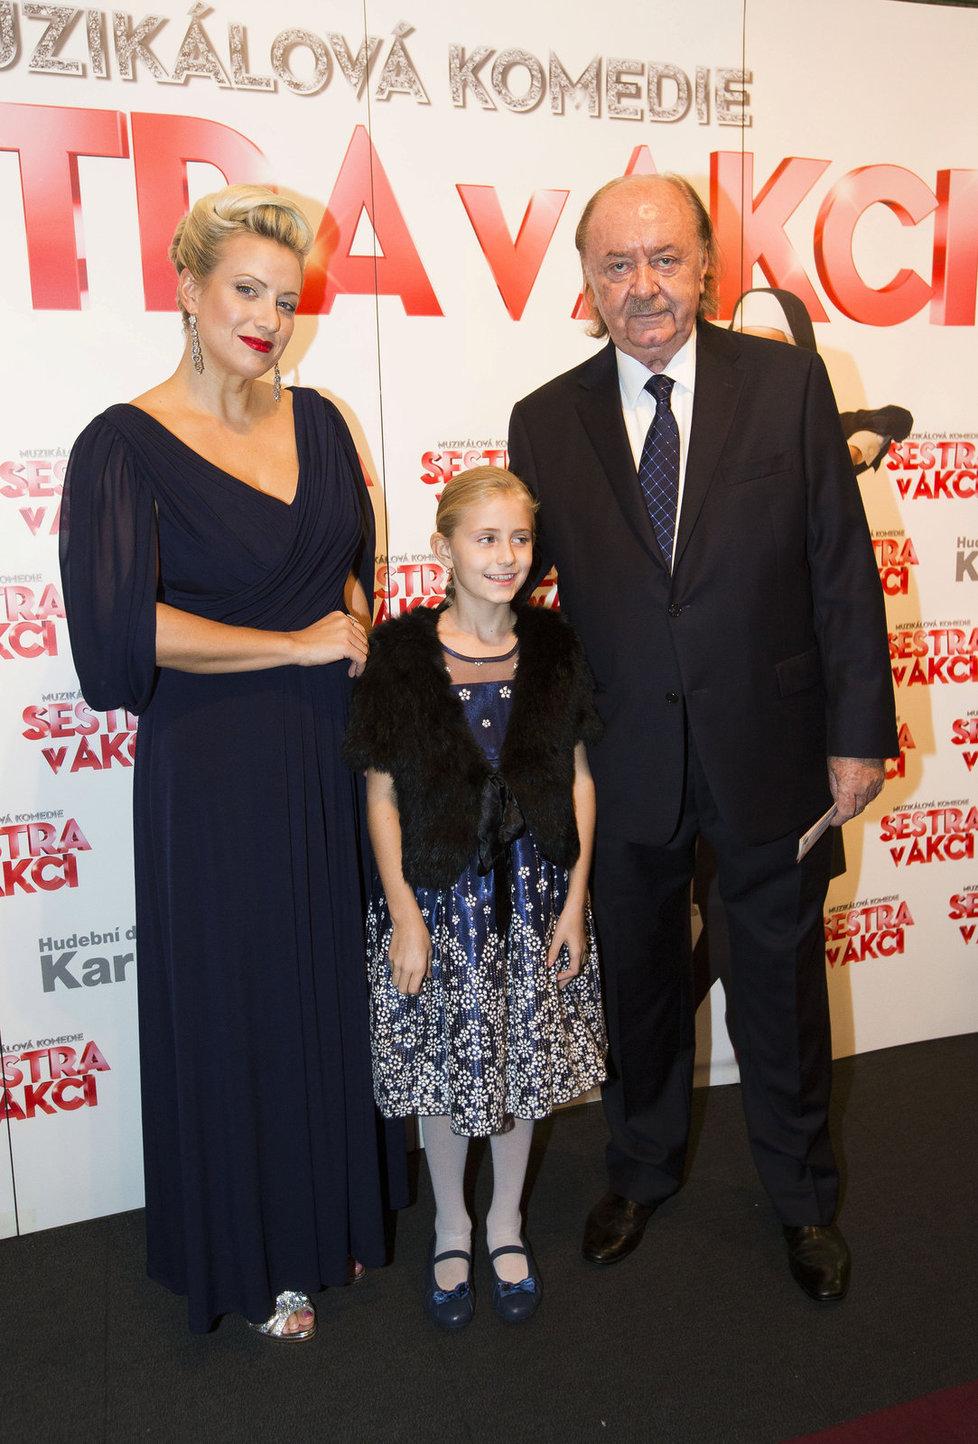 Celá rodina zase pohromadě - František Janeček s Terezou Mátlovou a dcerou Emily.